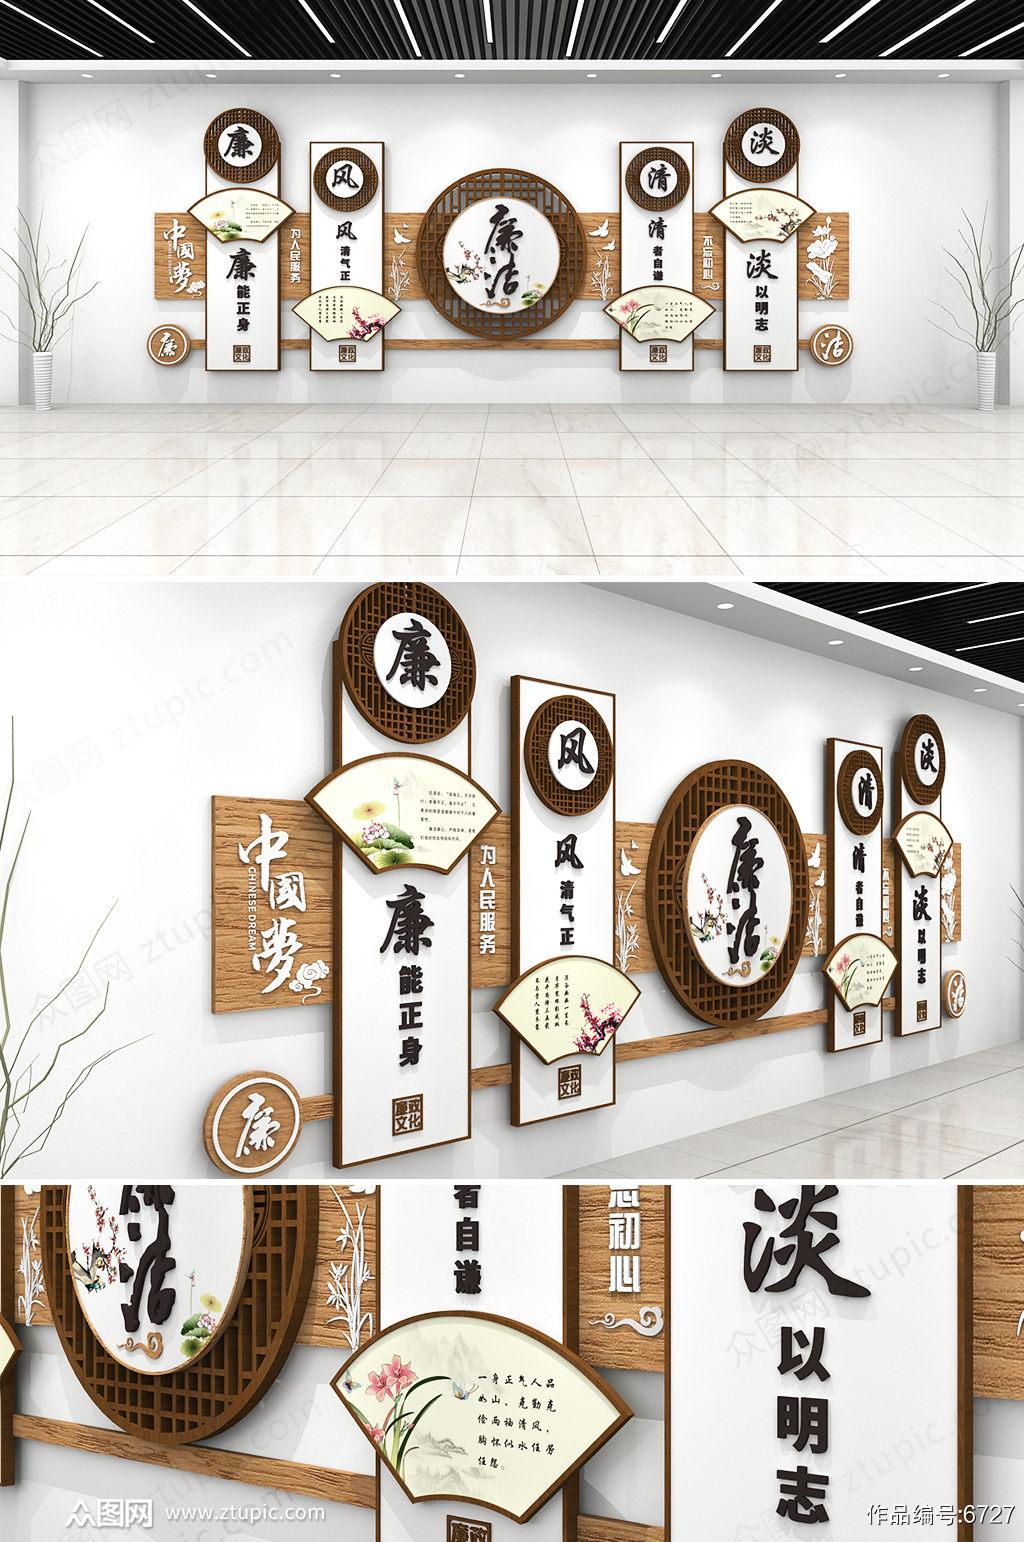 反腐建设廉政文化墙设计素材